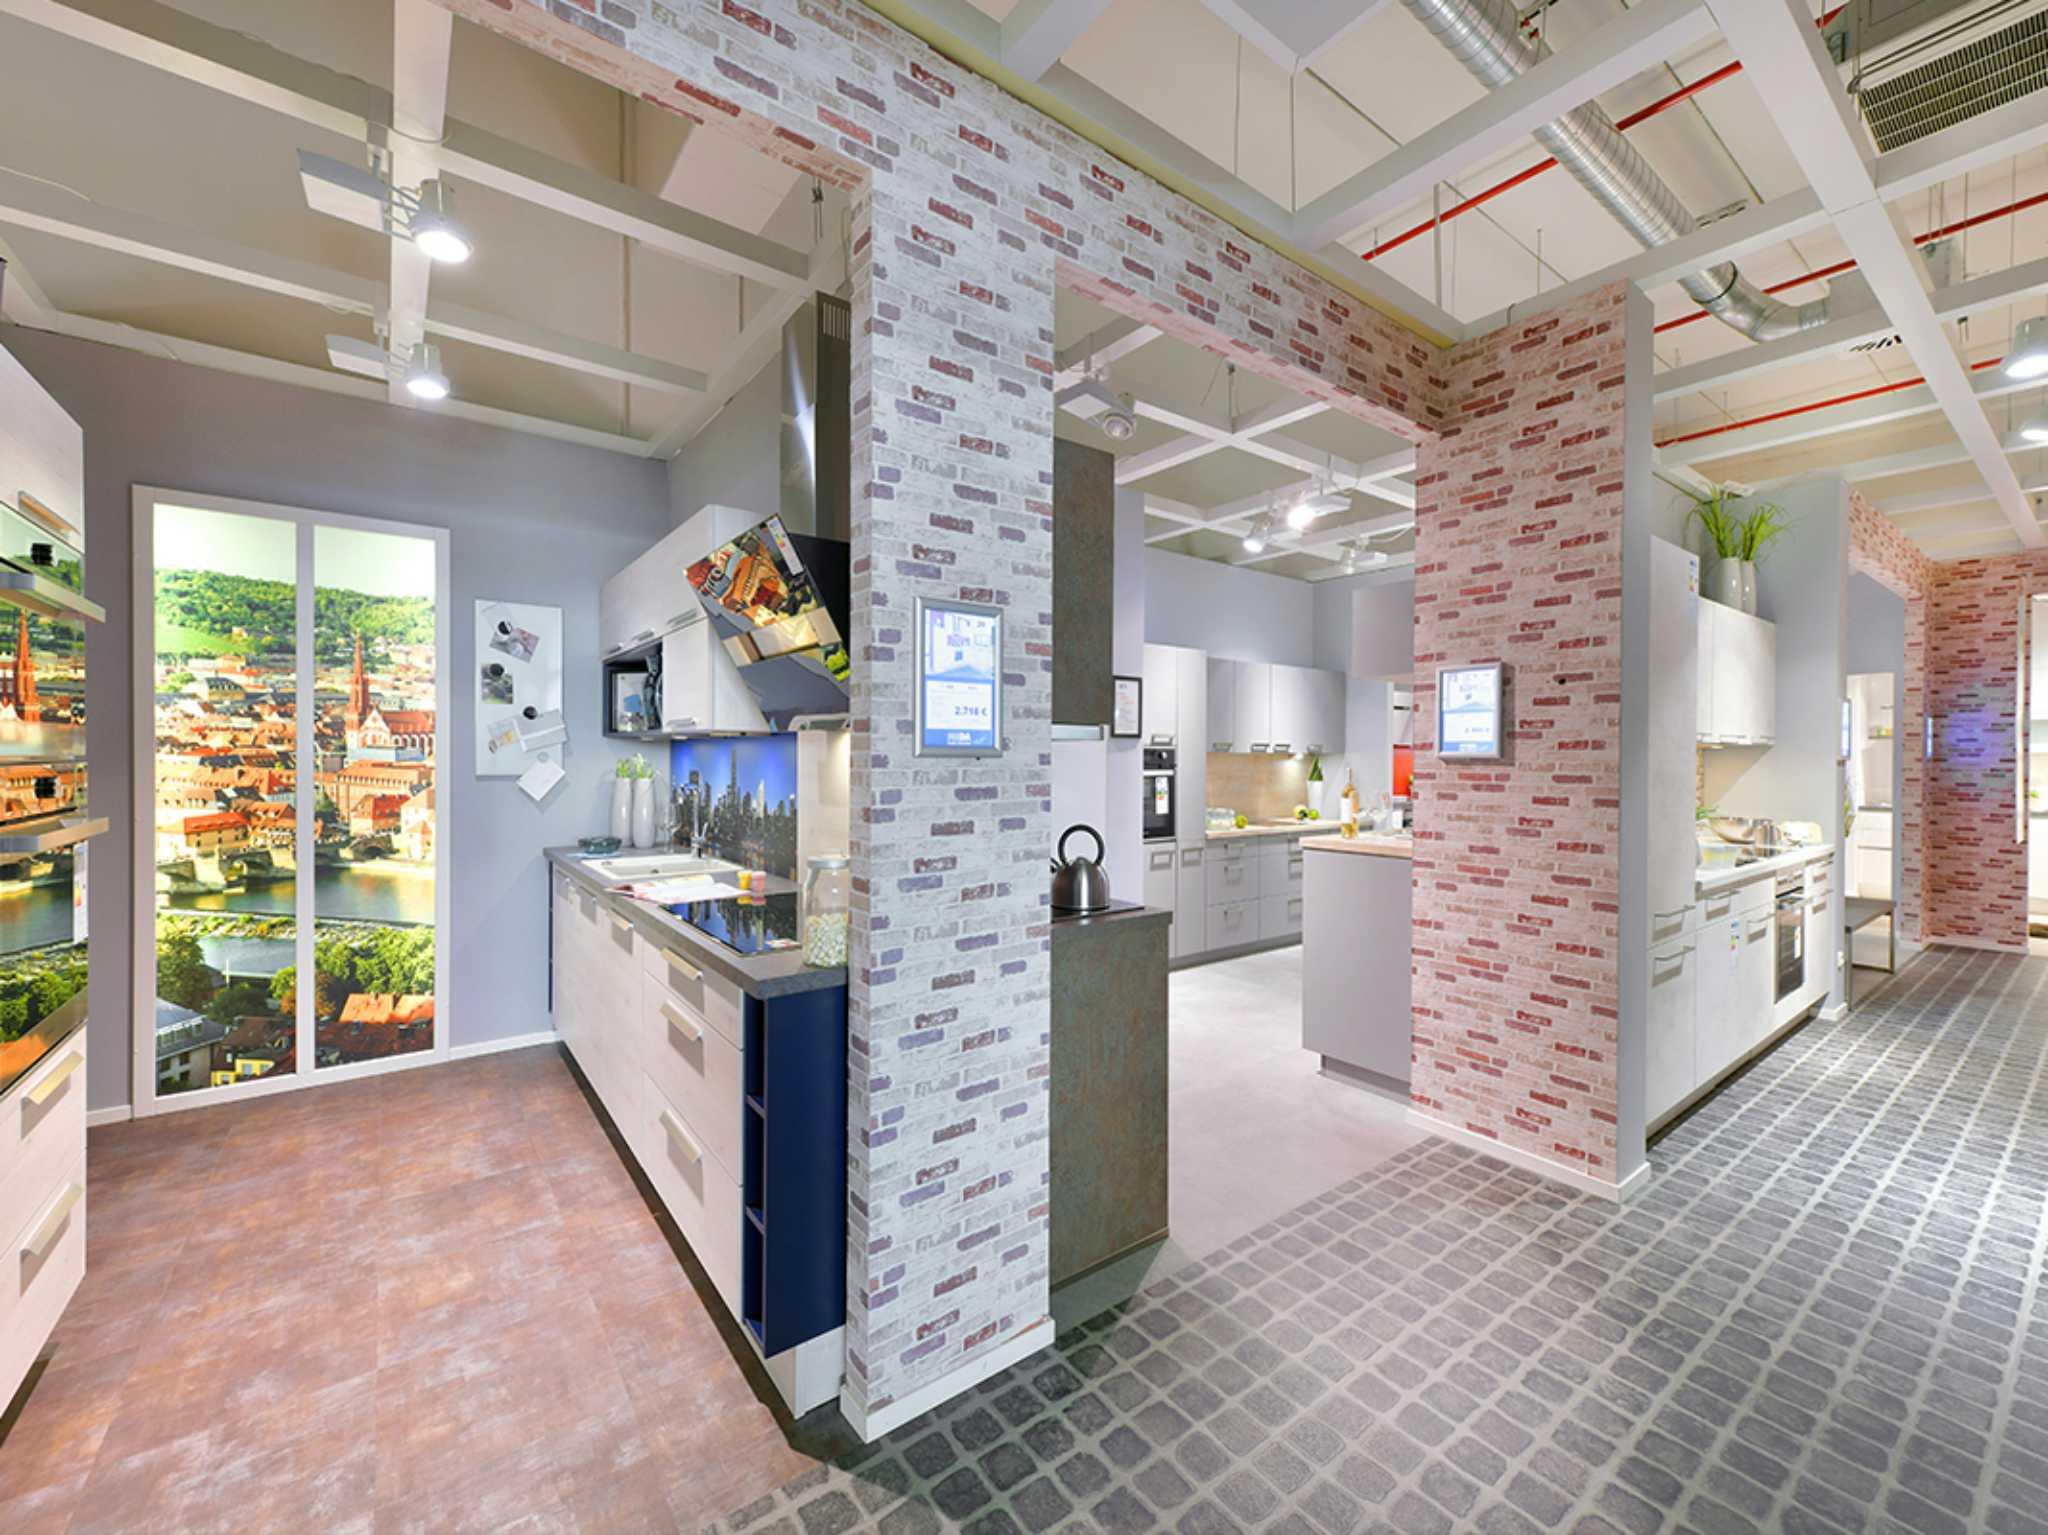 Unterschiedliche Küchen für jeden Geschmack im Küchenstudio MEDA in Würzburg. Foto: MEDA